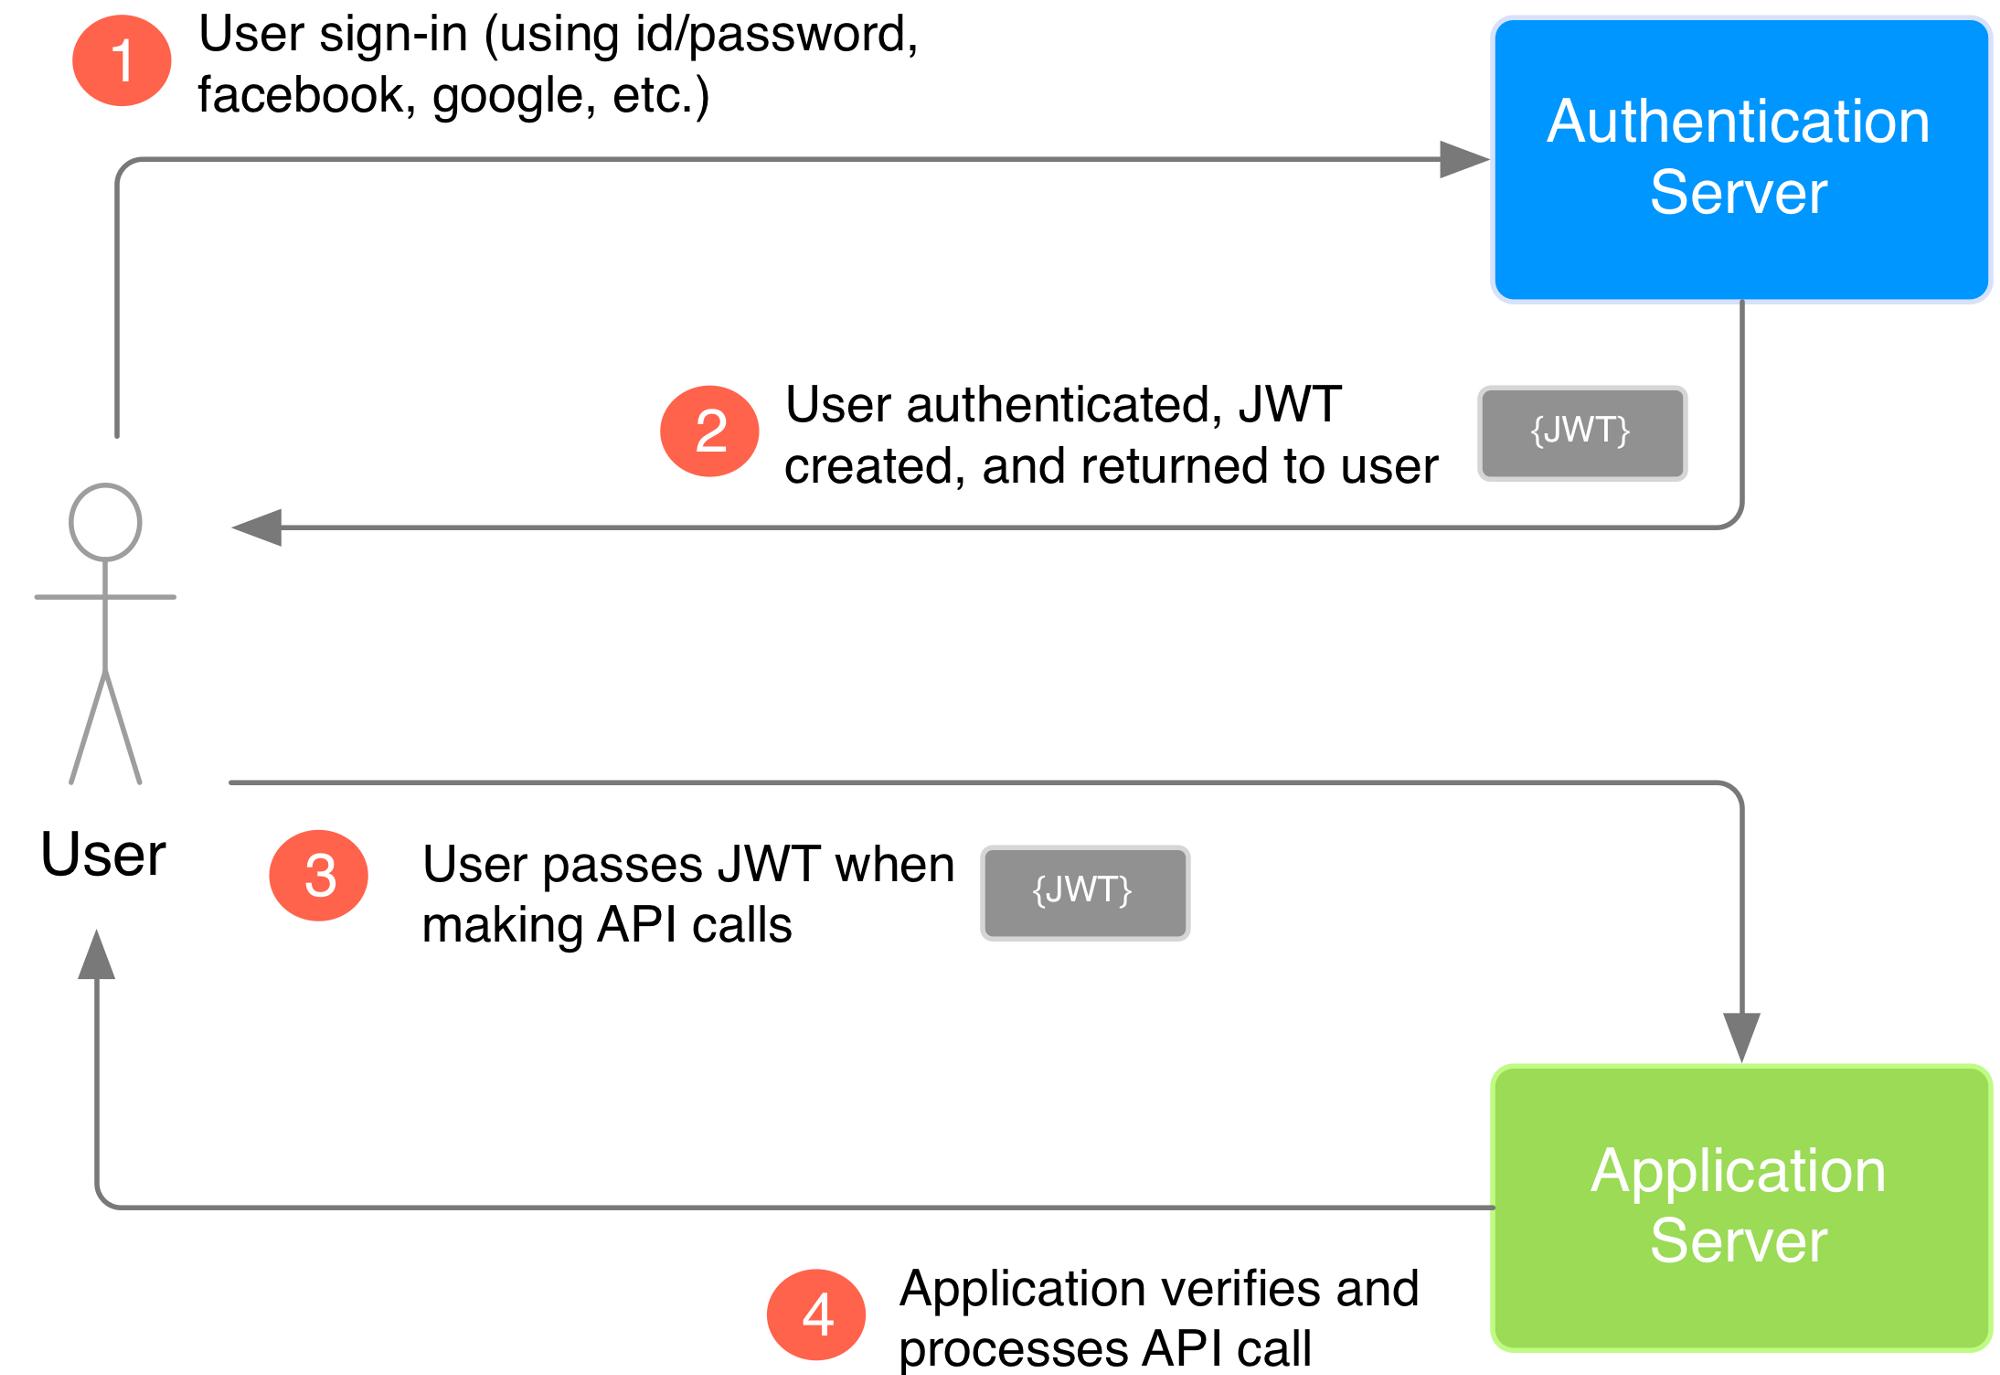 Как приложение использует JWT для проверки аутентификации пользователя.